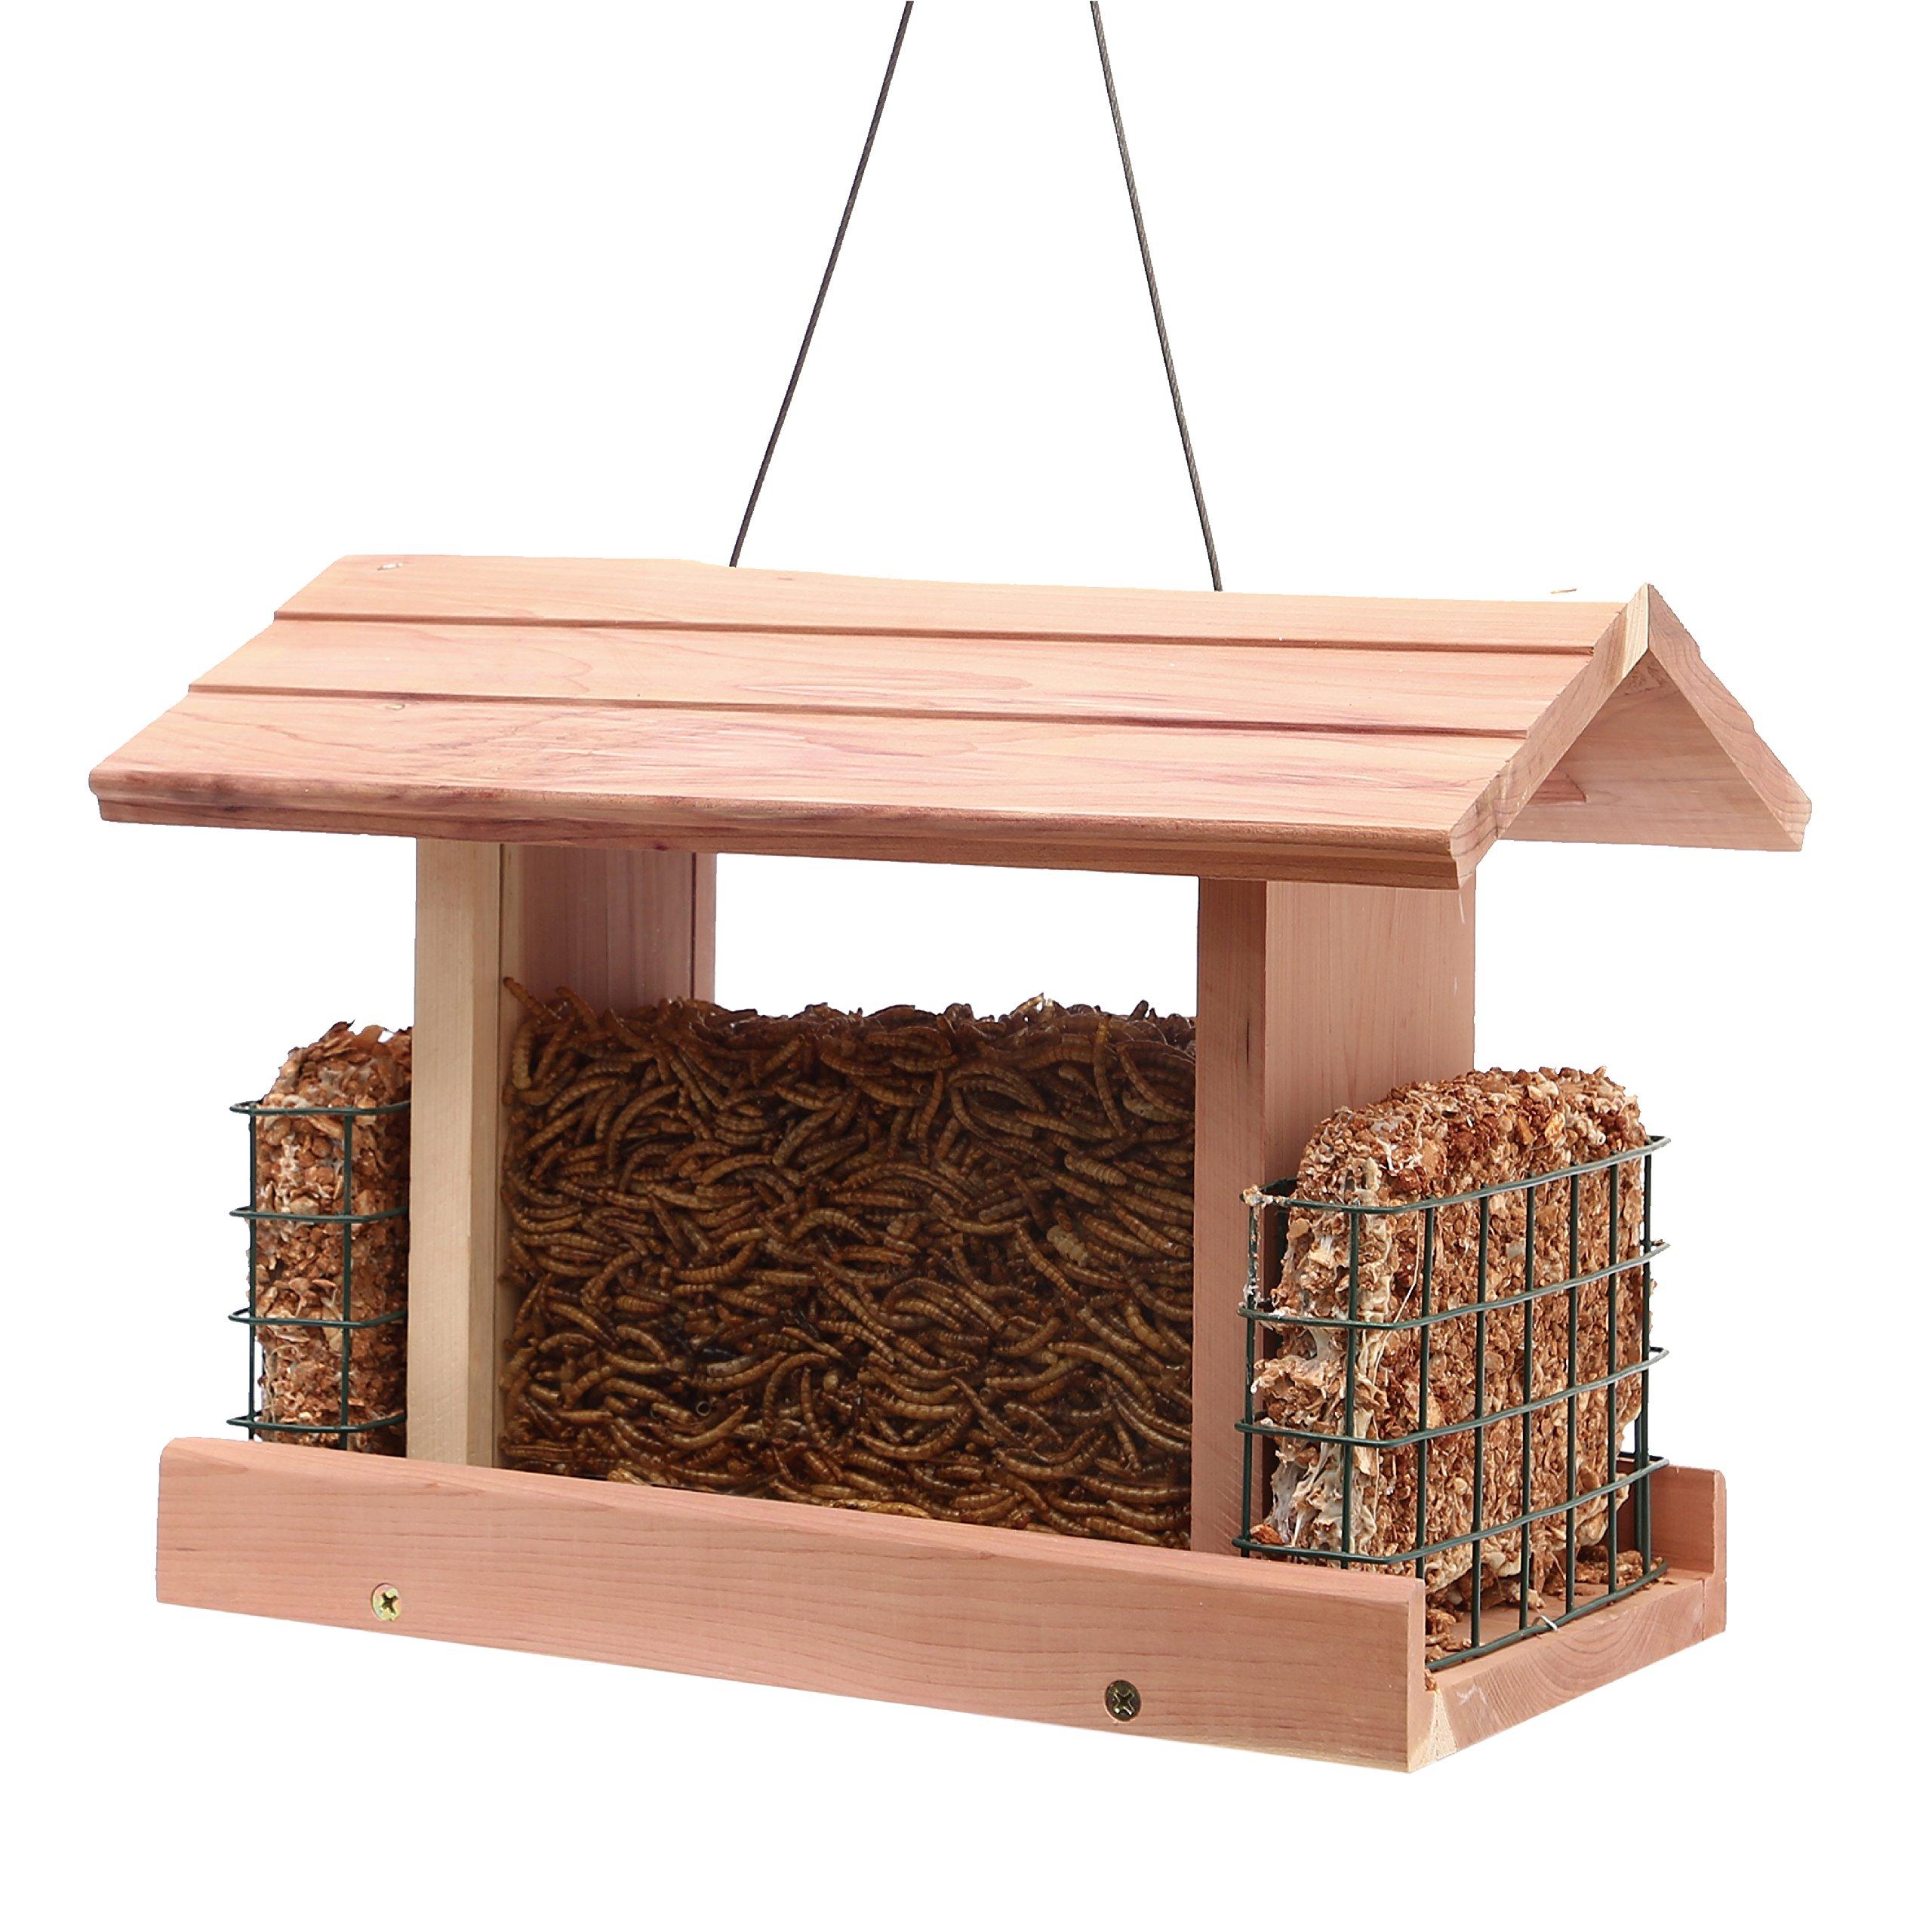 Worth Garden Cedar Wooden Bird Feeder with Double Plastic Window and Metal Mesh